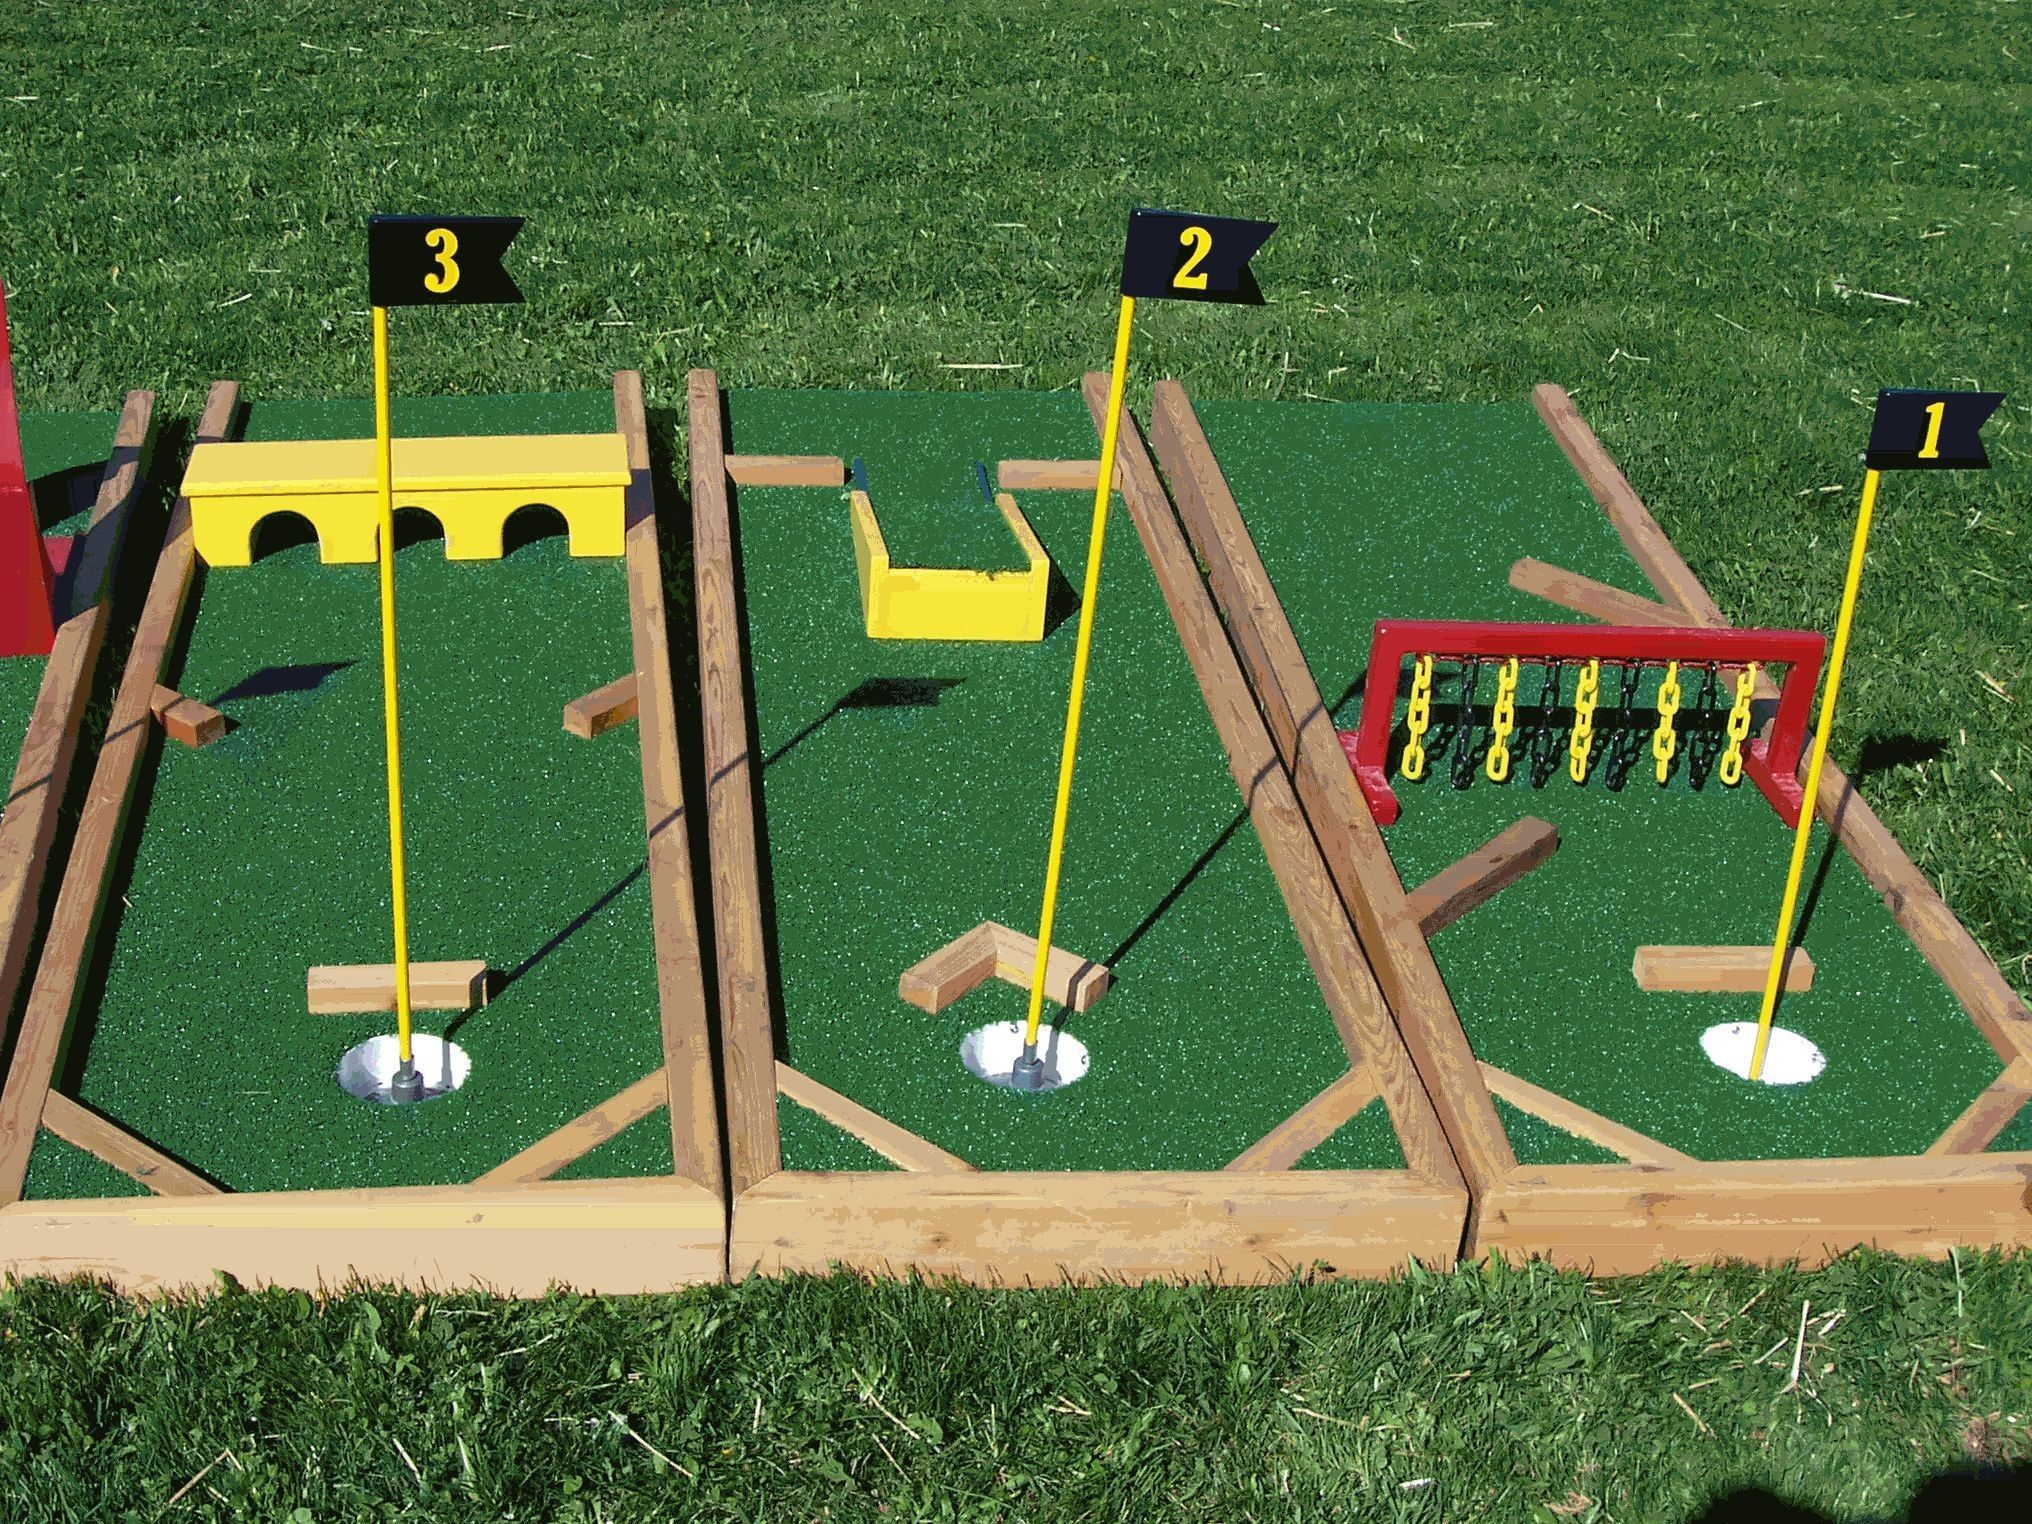 Minigolf Fur Den Garten Aus Der Ganzen Welt Von Diy Mini Golf Obstacles Perri Pinterest Juego Juegos Gigantes D Minigolf Spiele Im Garten Bastelarbeiten